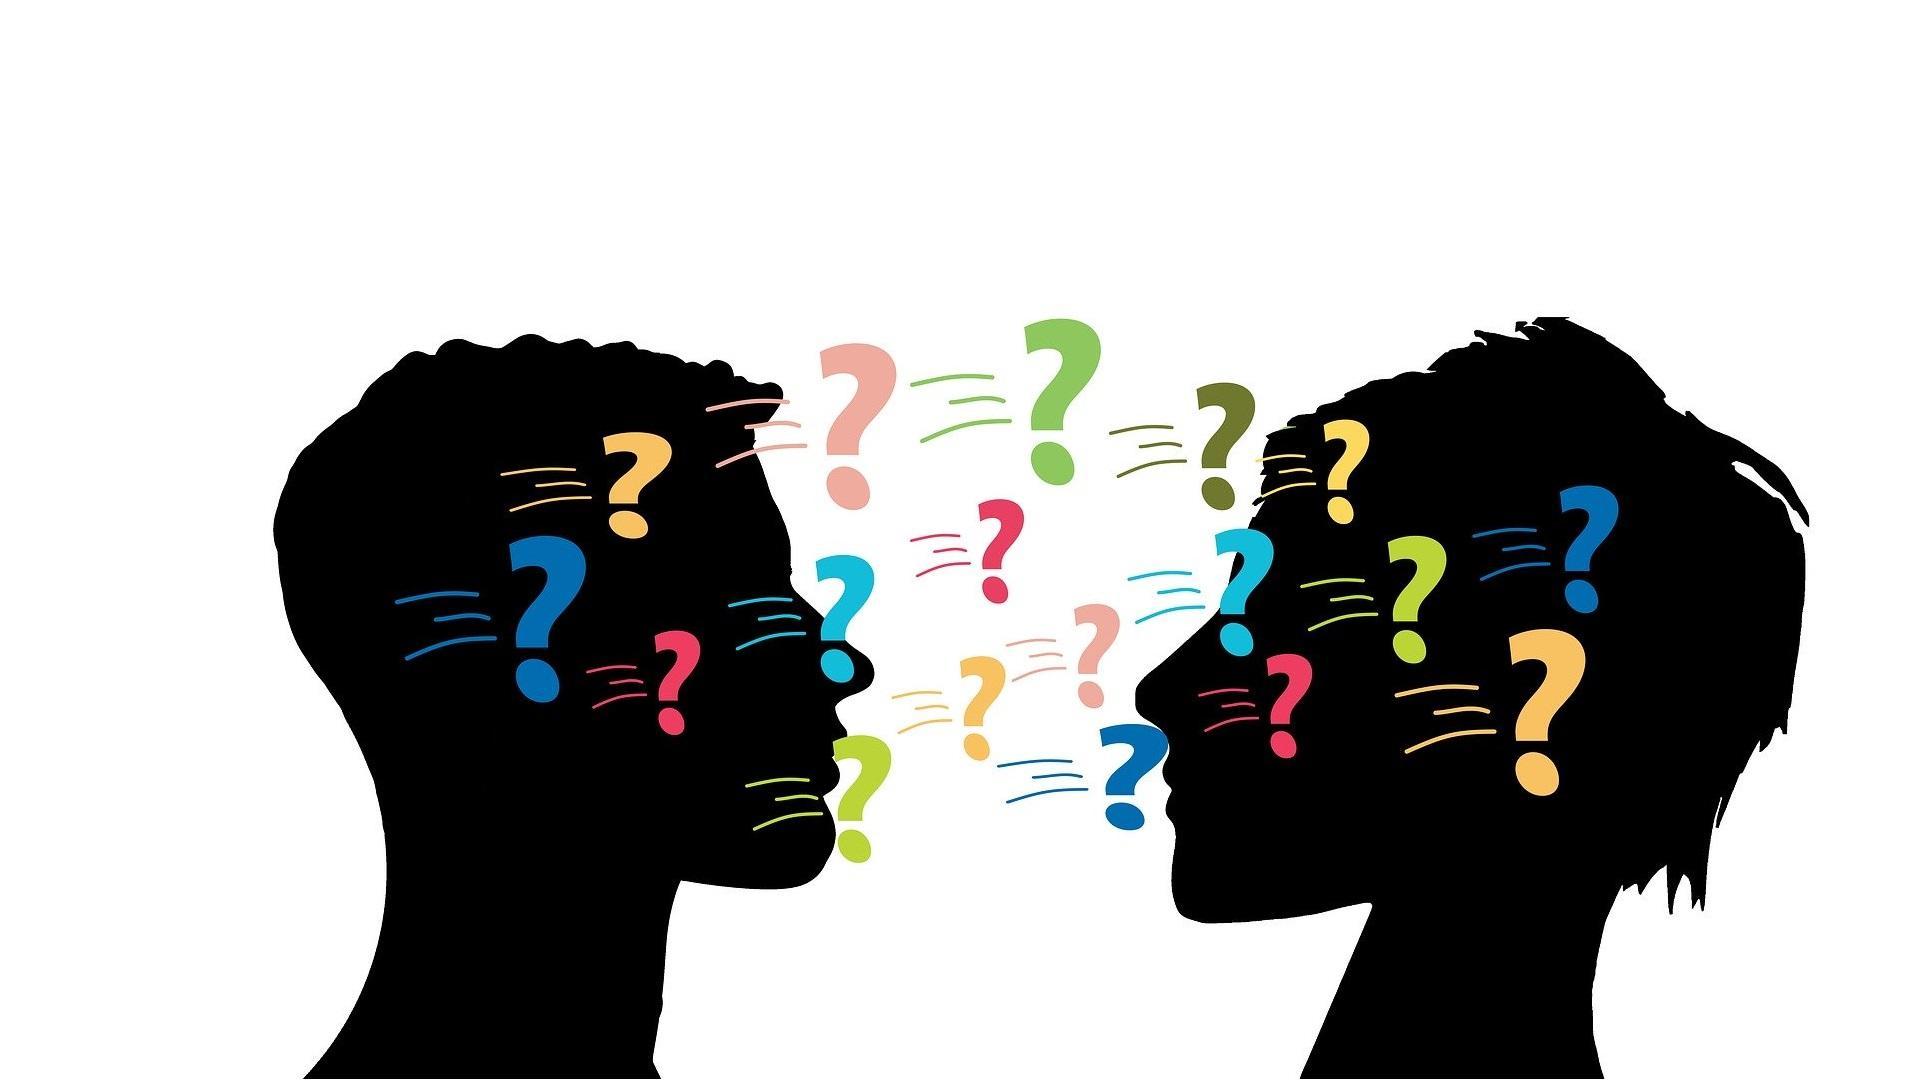 Konstruktive Kritik äußern: Die 5 wichtigsten Tipps